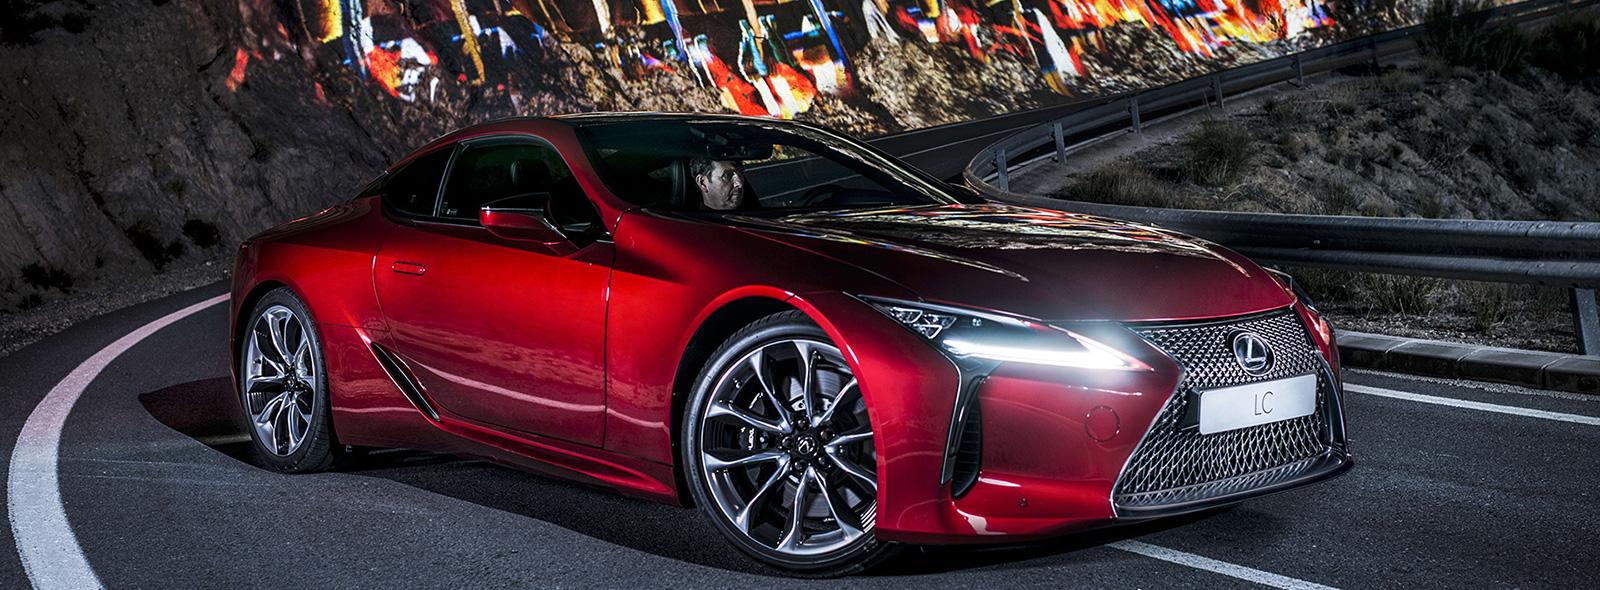 Vista frontale della nuova LC rosso brillante in curva di notte su strada montana